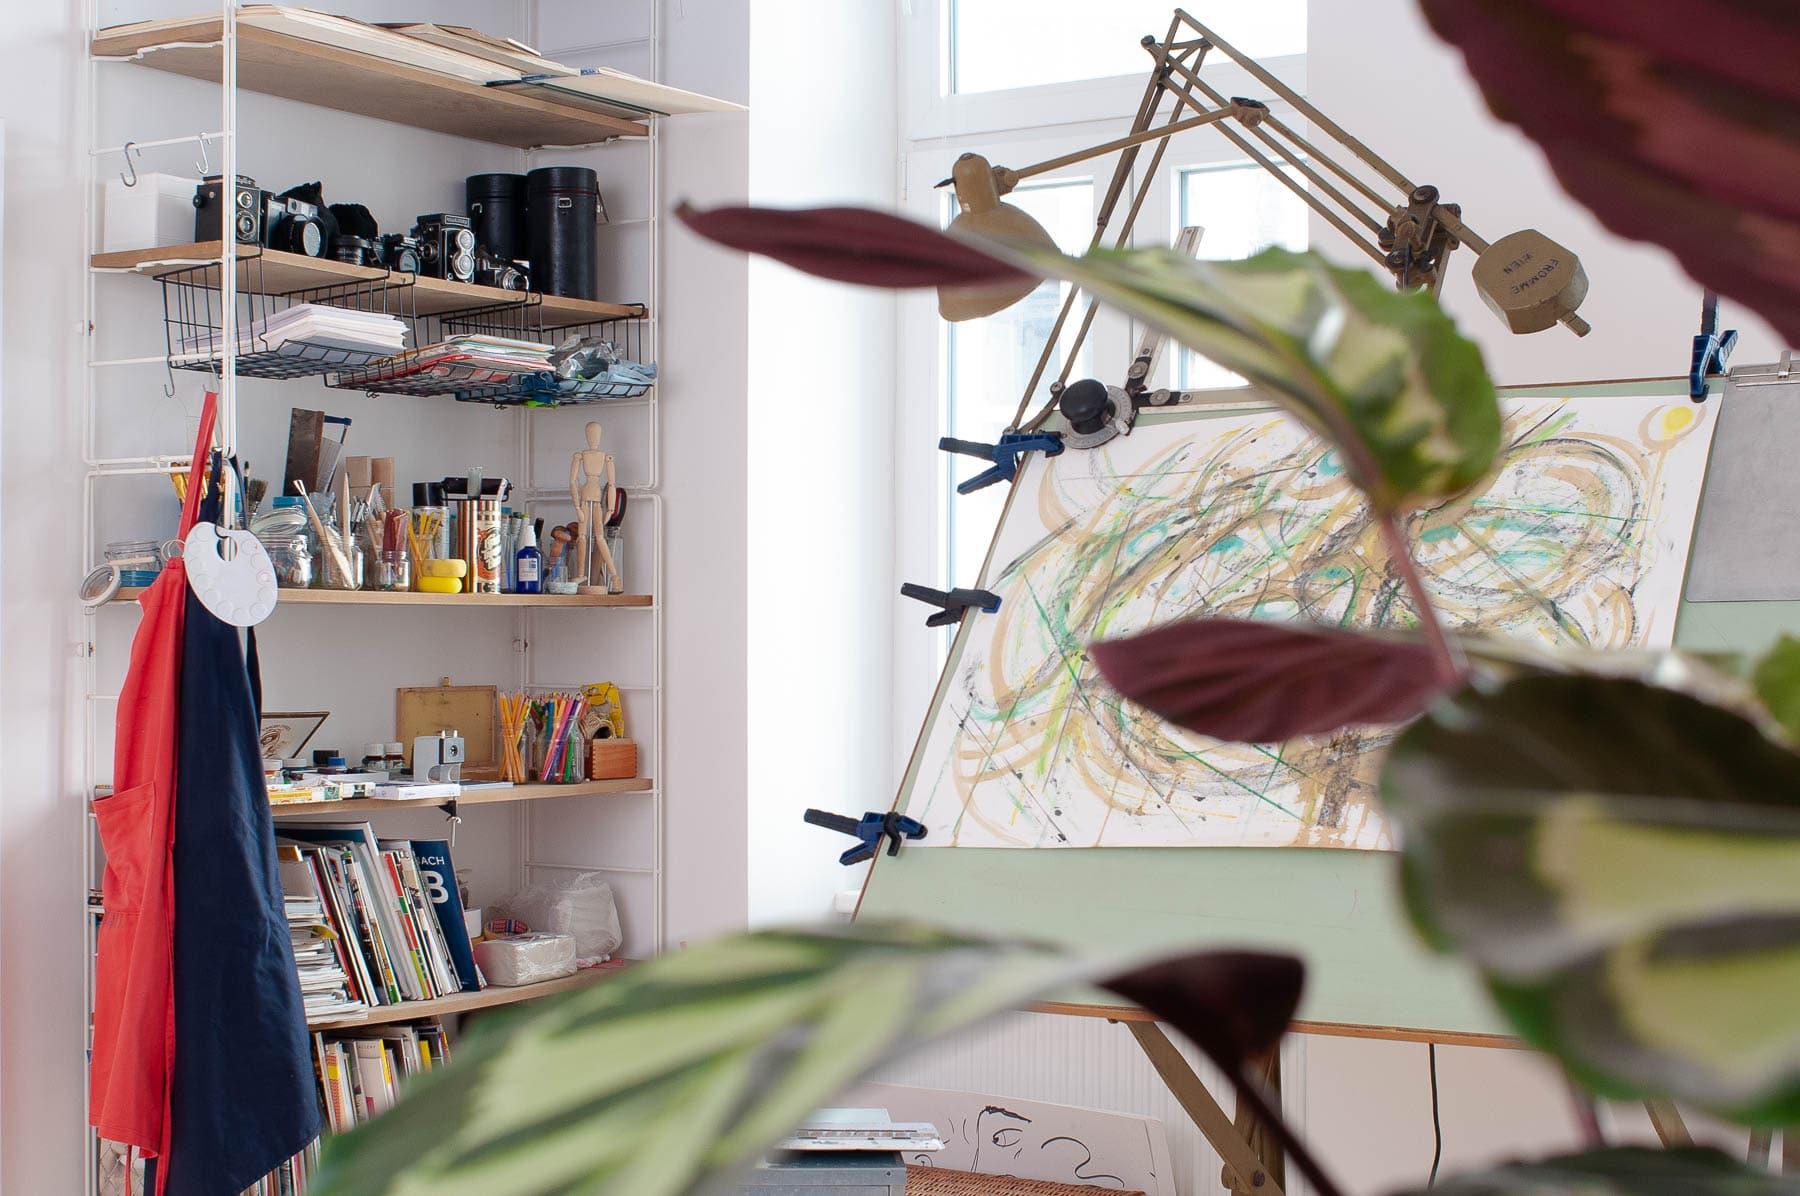 Das atelier mishugge ist ein Atelier für Multimediale Kunsttherapie und Kreativtraining. Viele Medien stehen bereit für den kunsttherapeutischen Ausdruck.